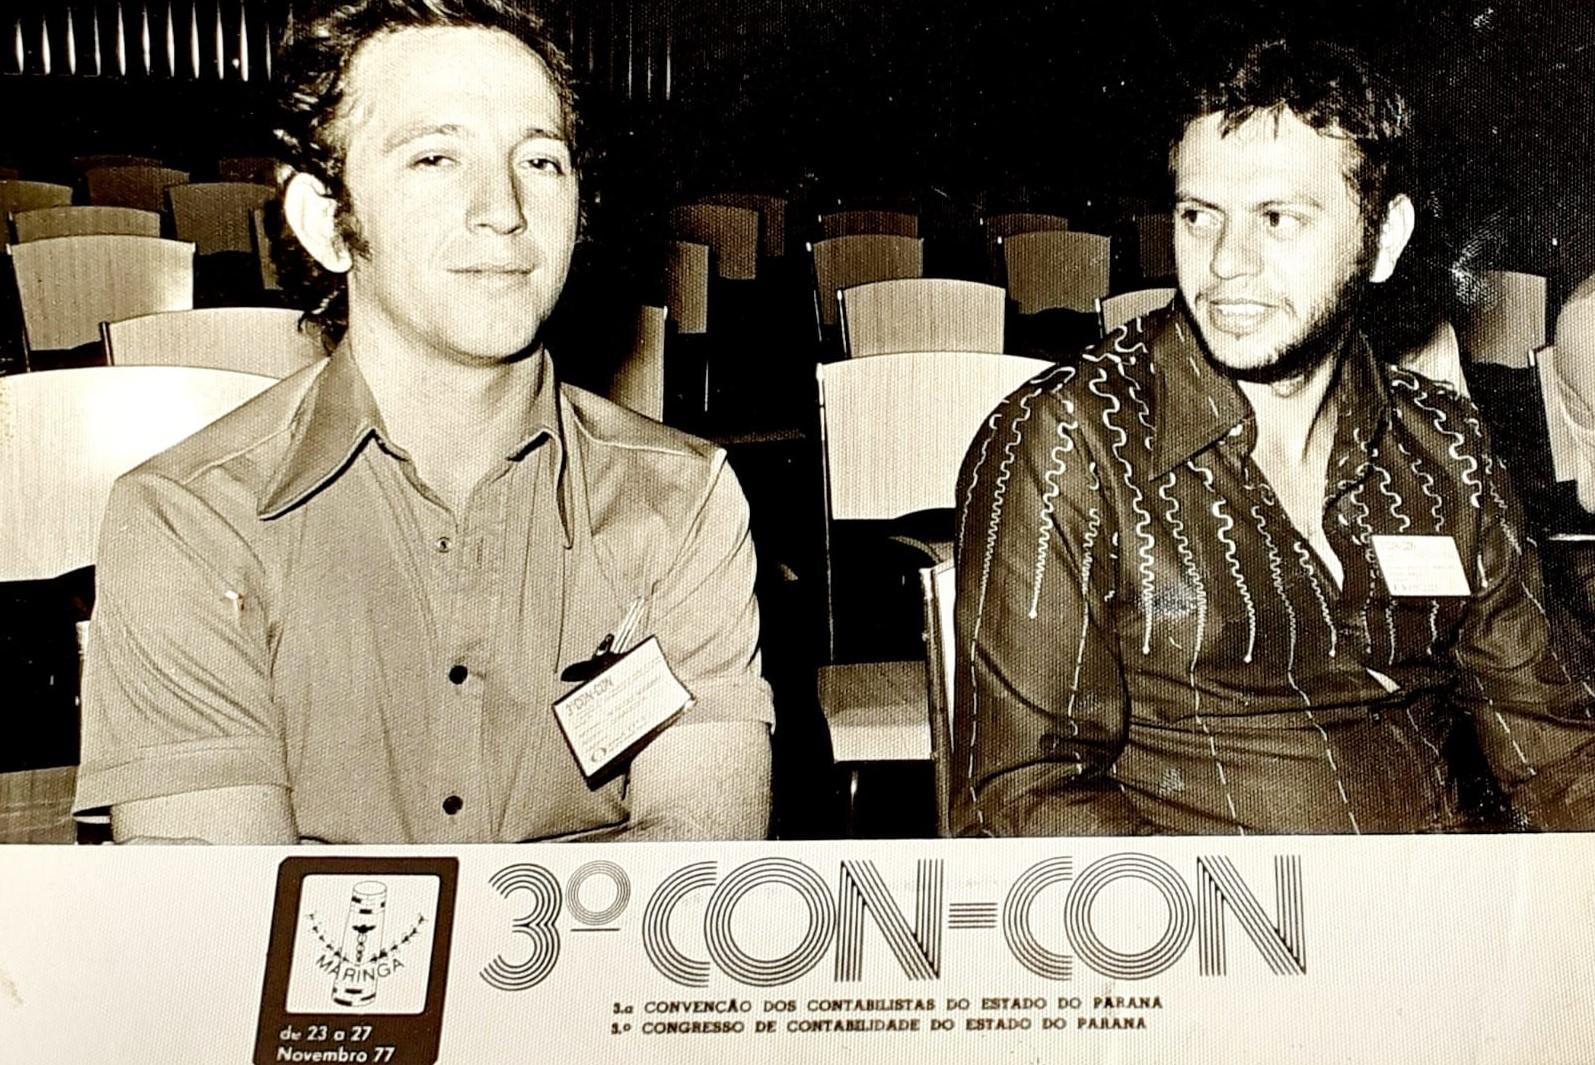 3ª Convenção de Contabilistas do Paraná - 1977